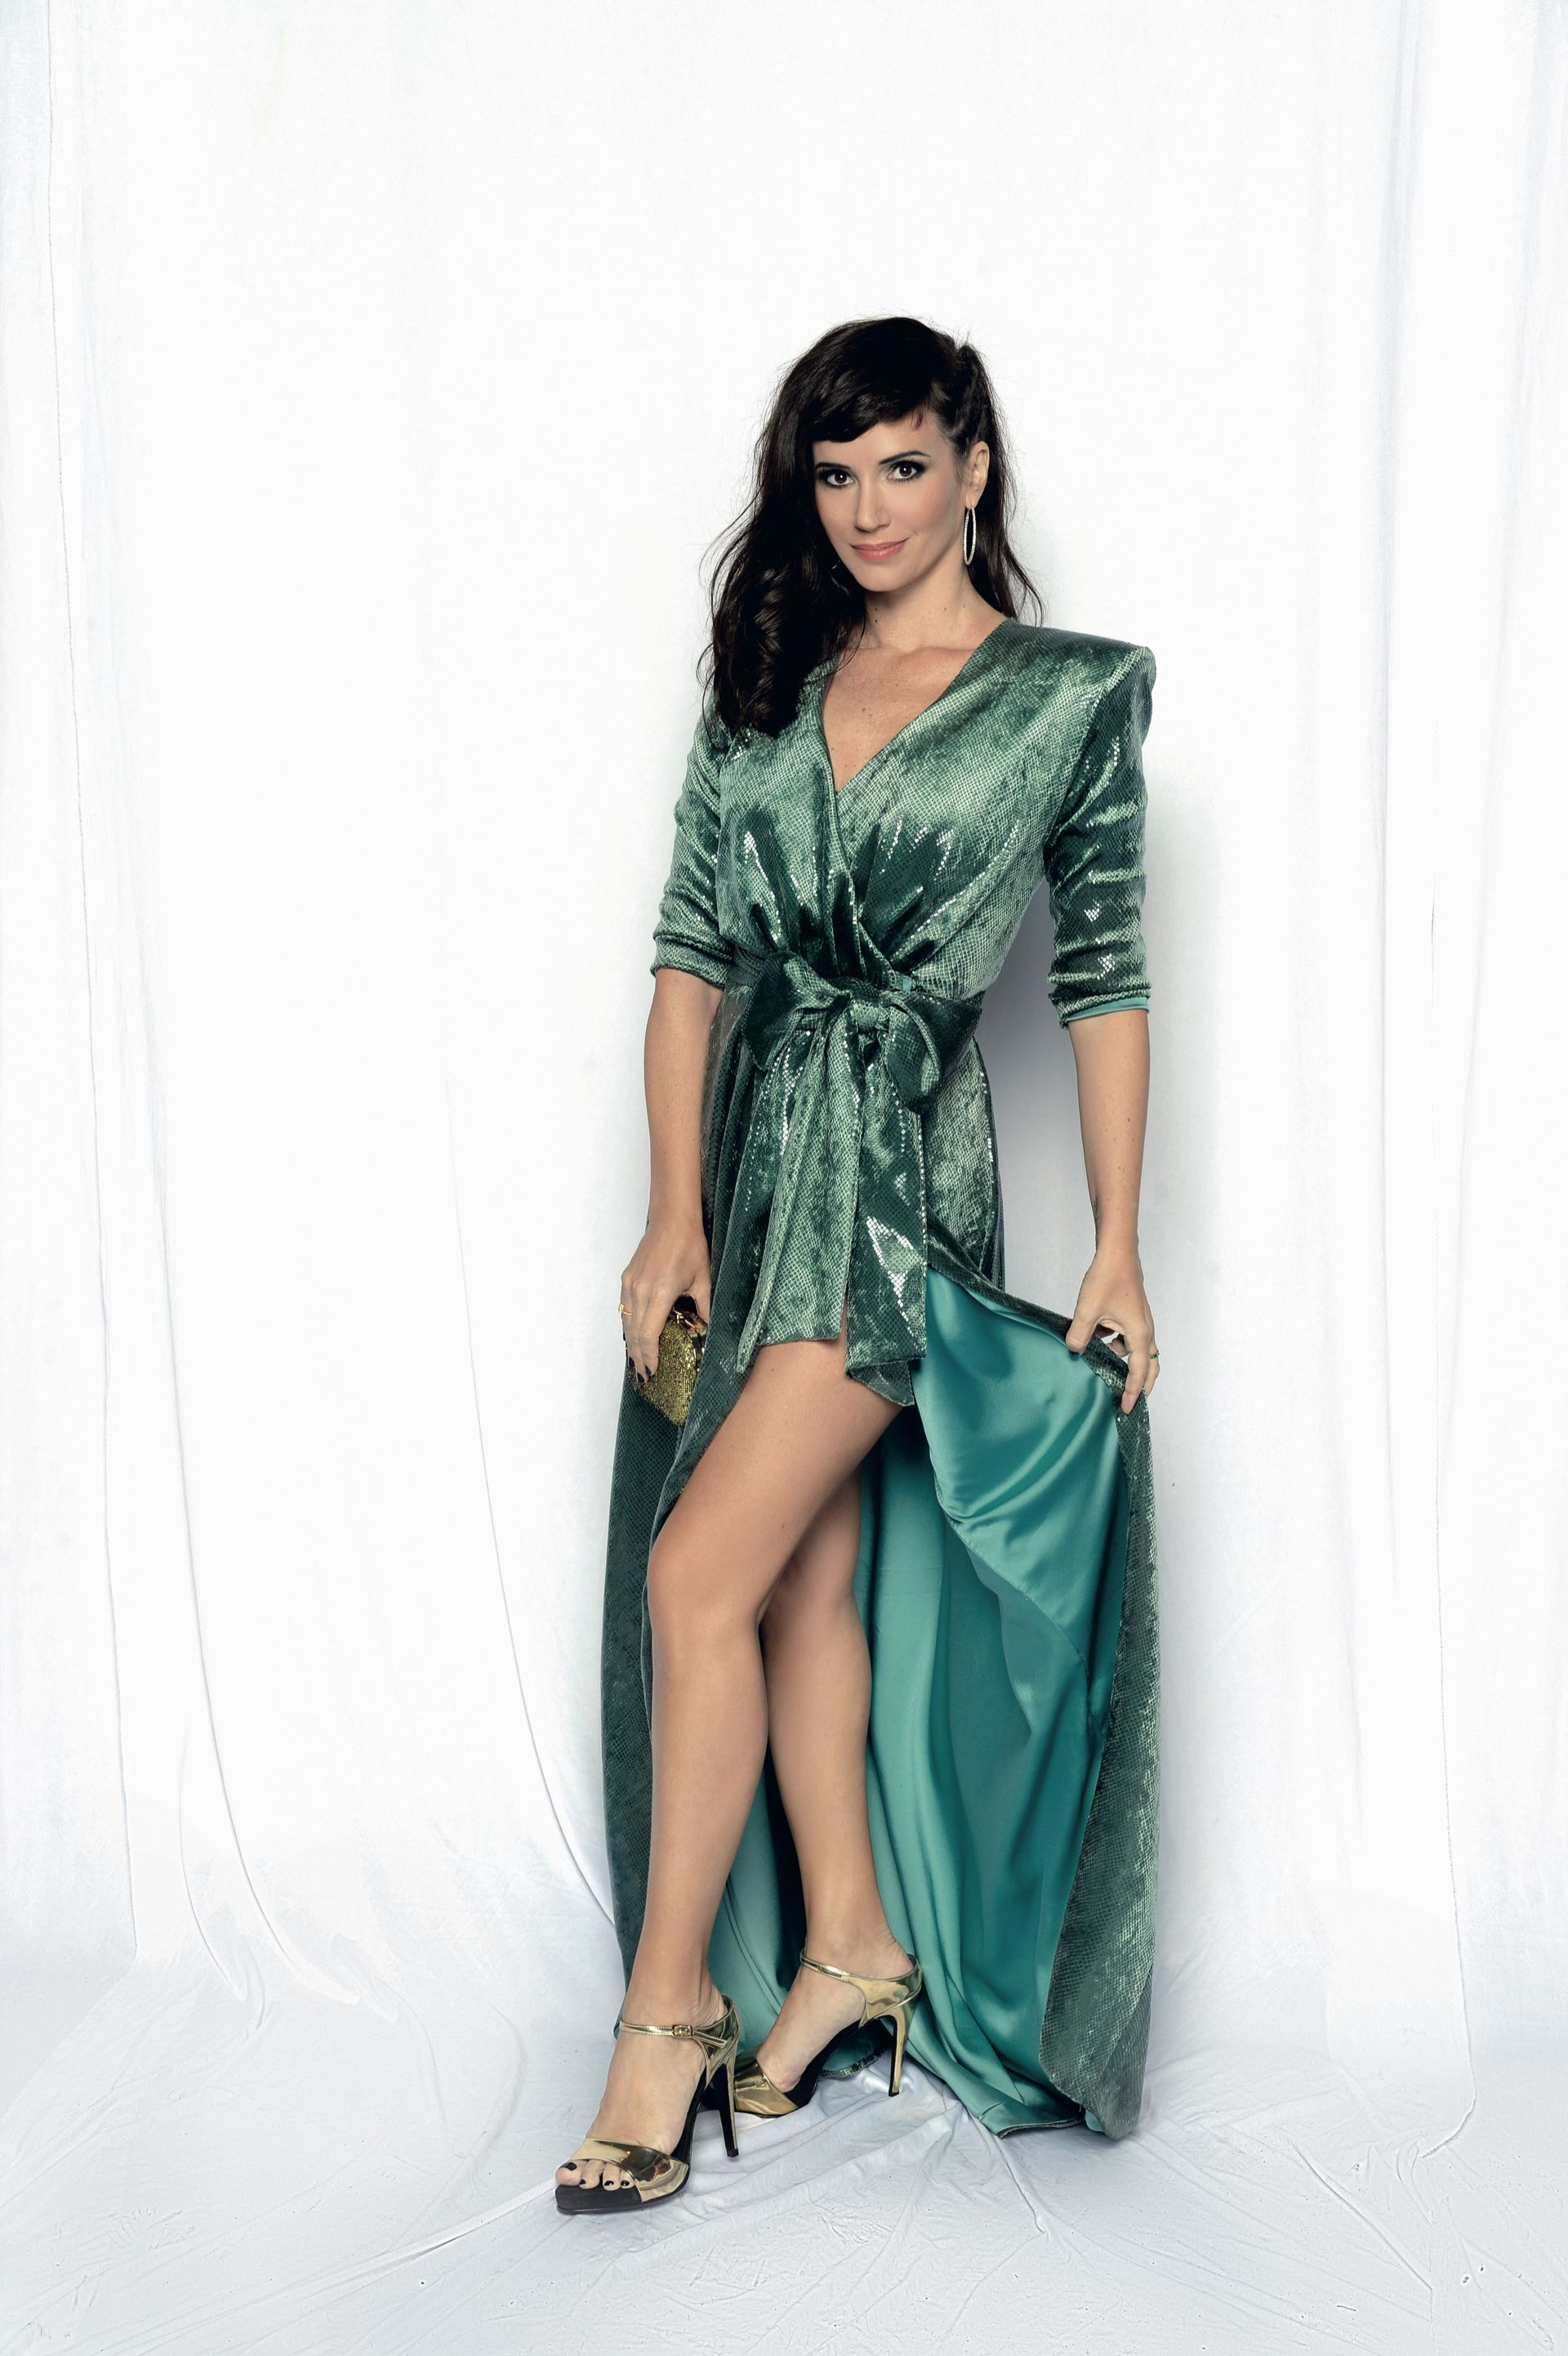 Griselda Siciliani, vestido de Artemis Atelier, con accesorios Fahoma y Swarovski y zapatos Valdez. Foto: Diego García/GENTE